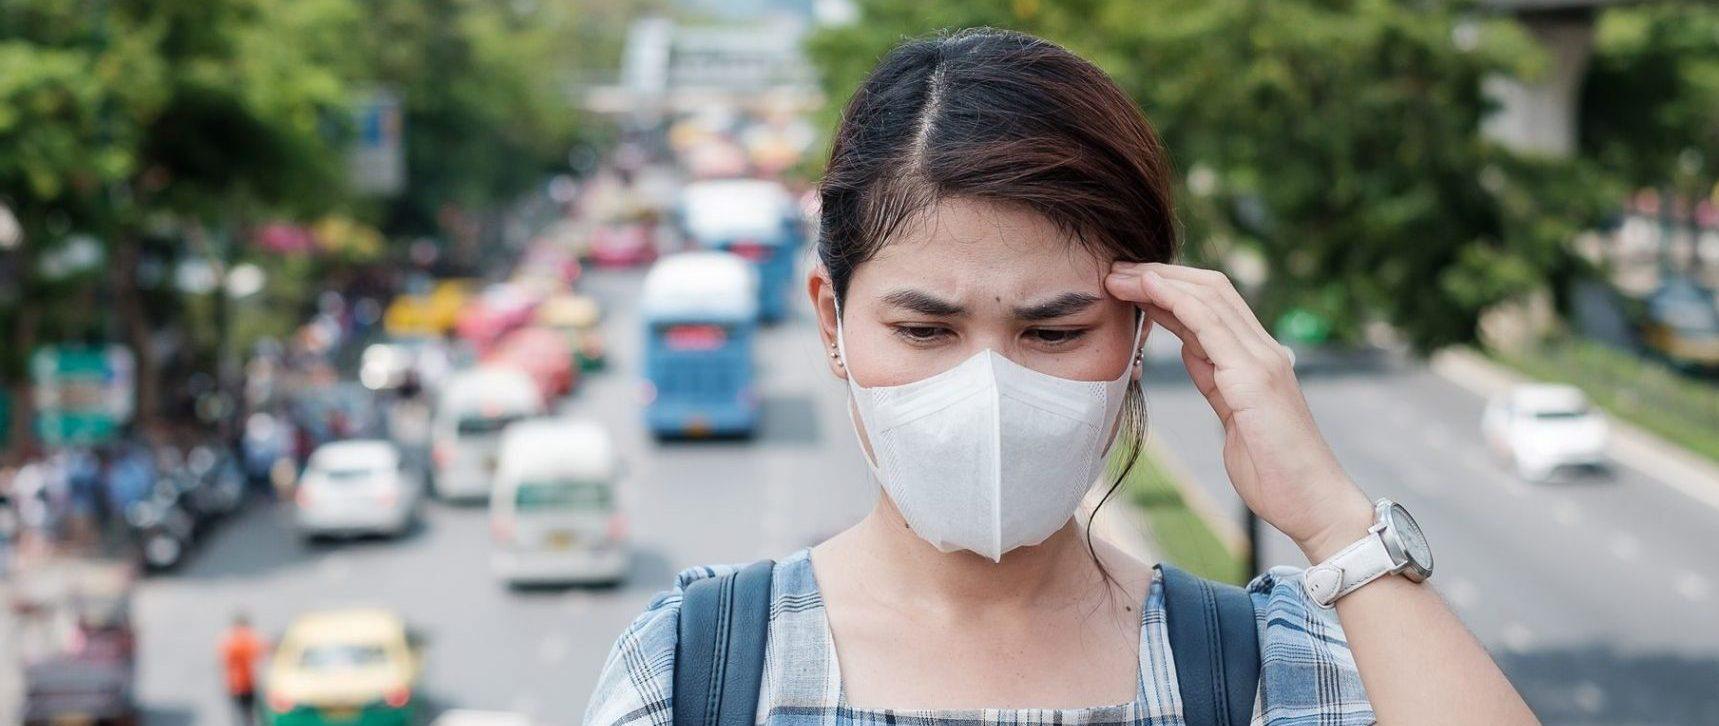 О вирусе в Китае